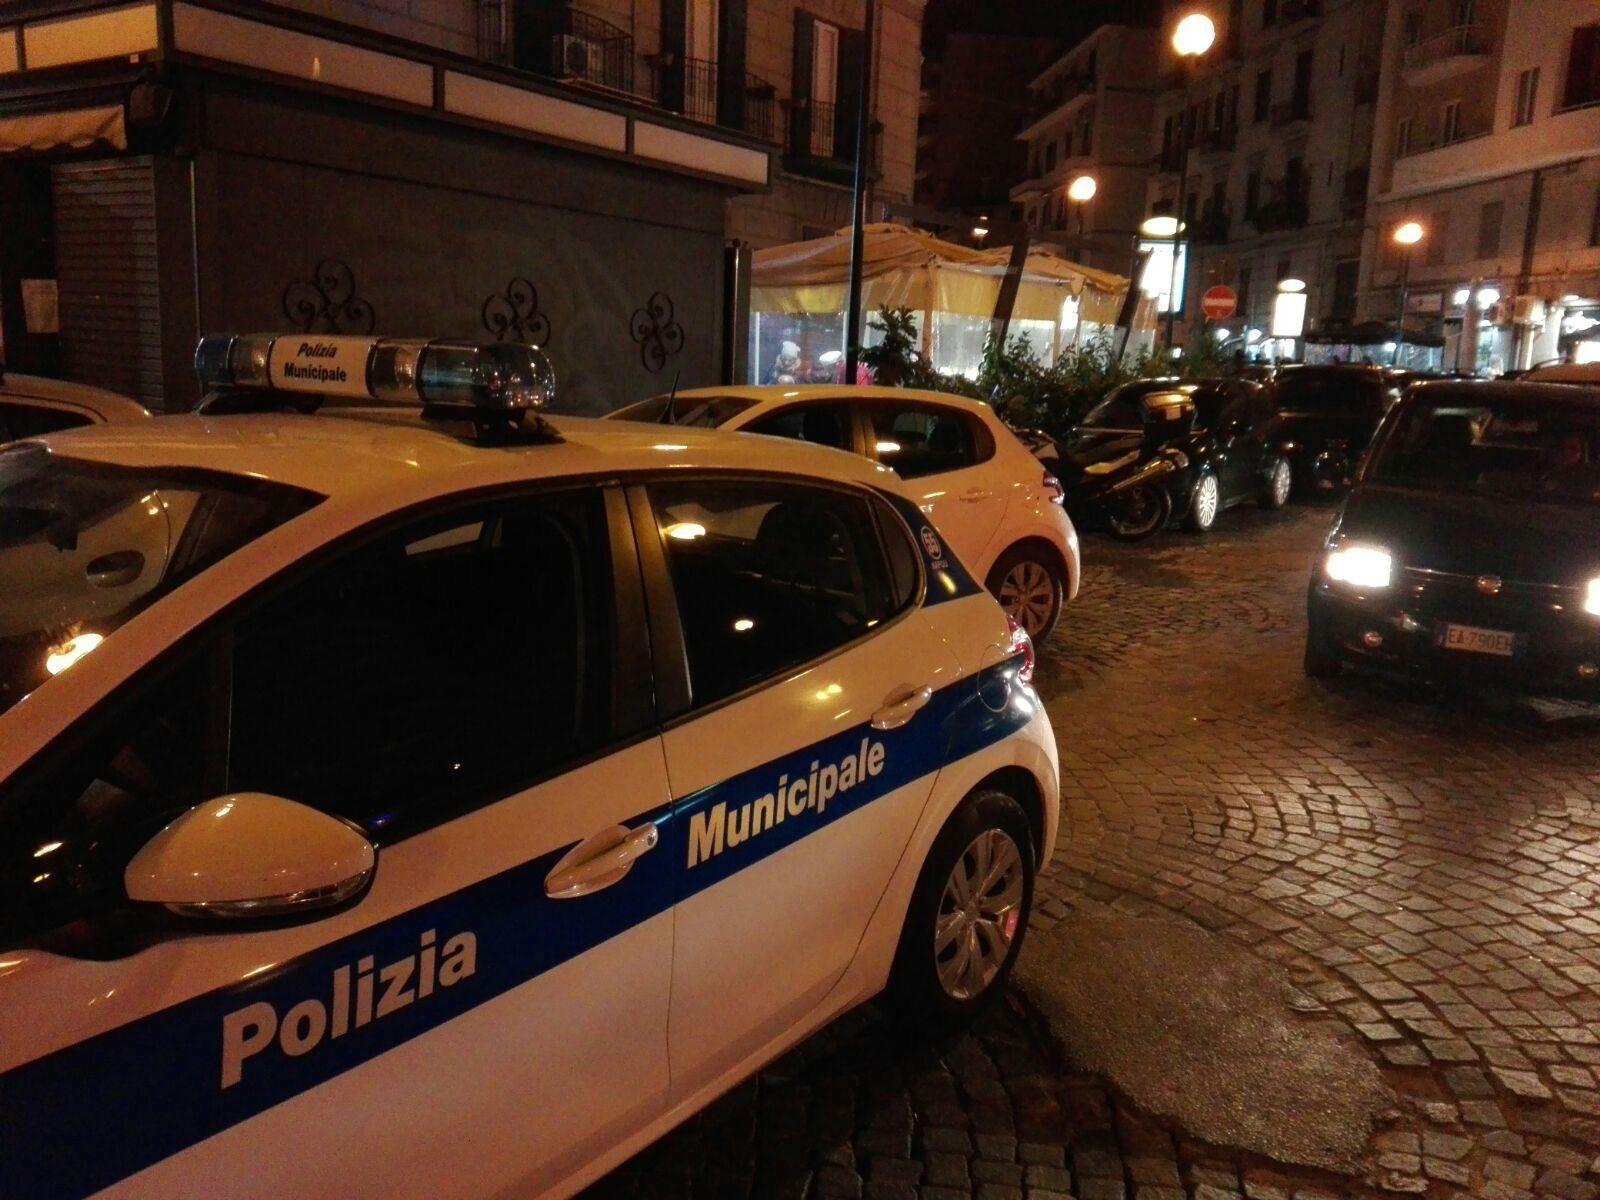 POLIZIA LOCALE : CONTROLLI SERRATI ALLA VENDITA DI ALCOLICI A MINORENNI.